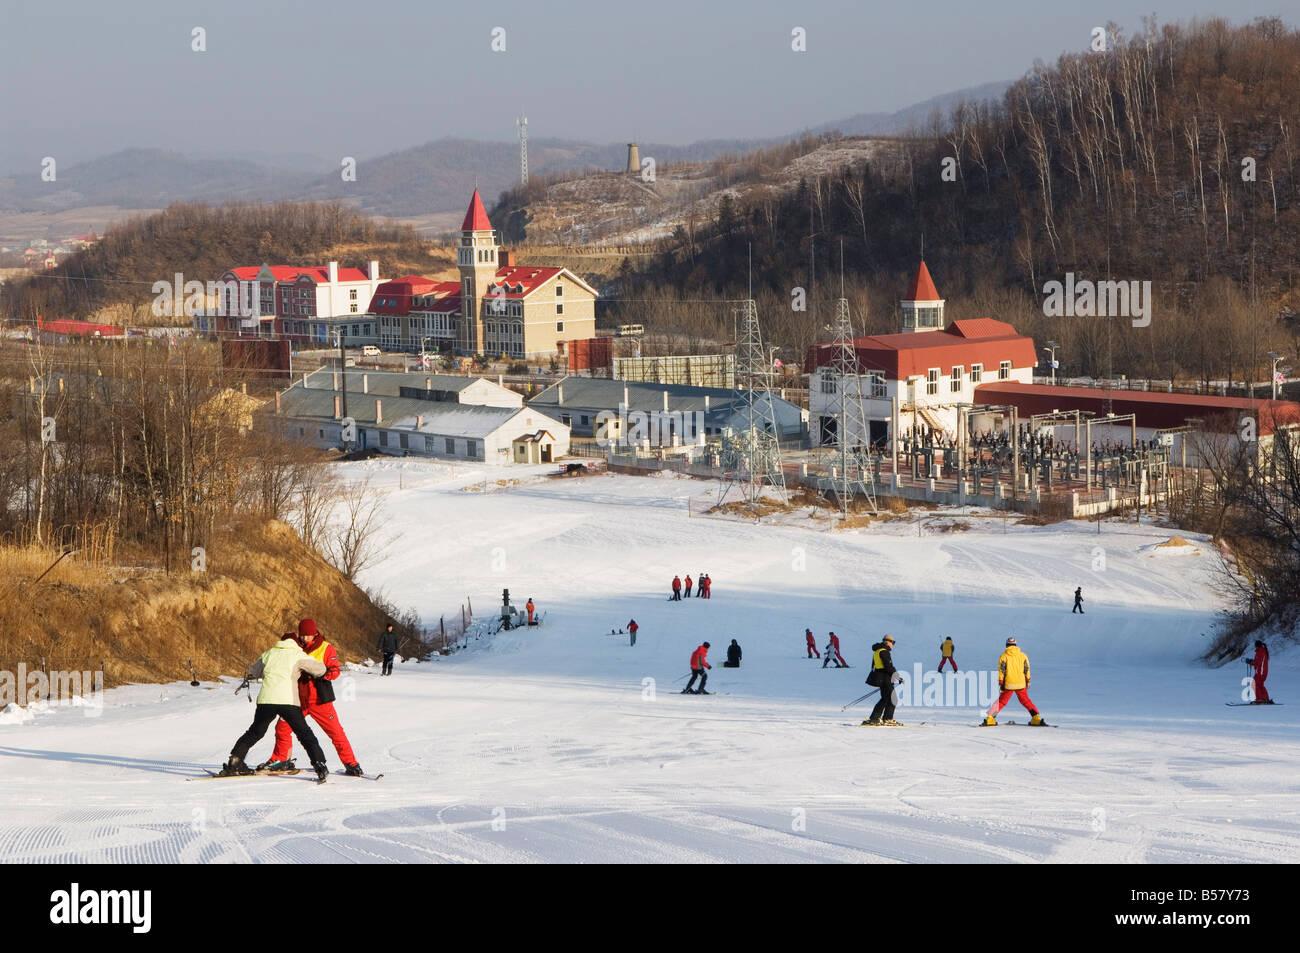 Yabuli ski resort, Heilongjiang Province, Northeast China, China, Asia - Stock Image